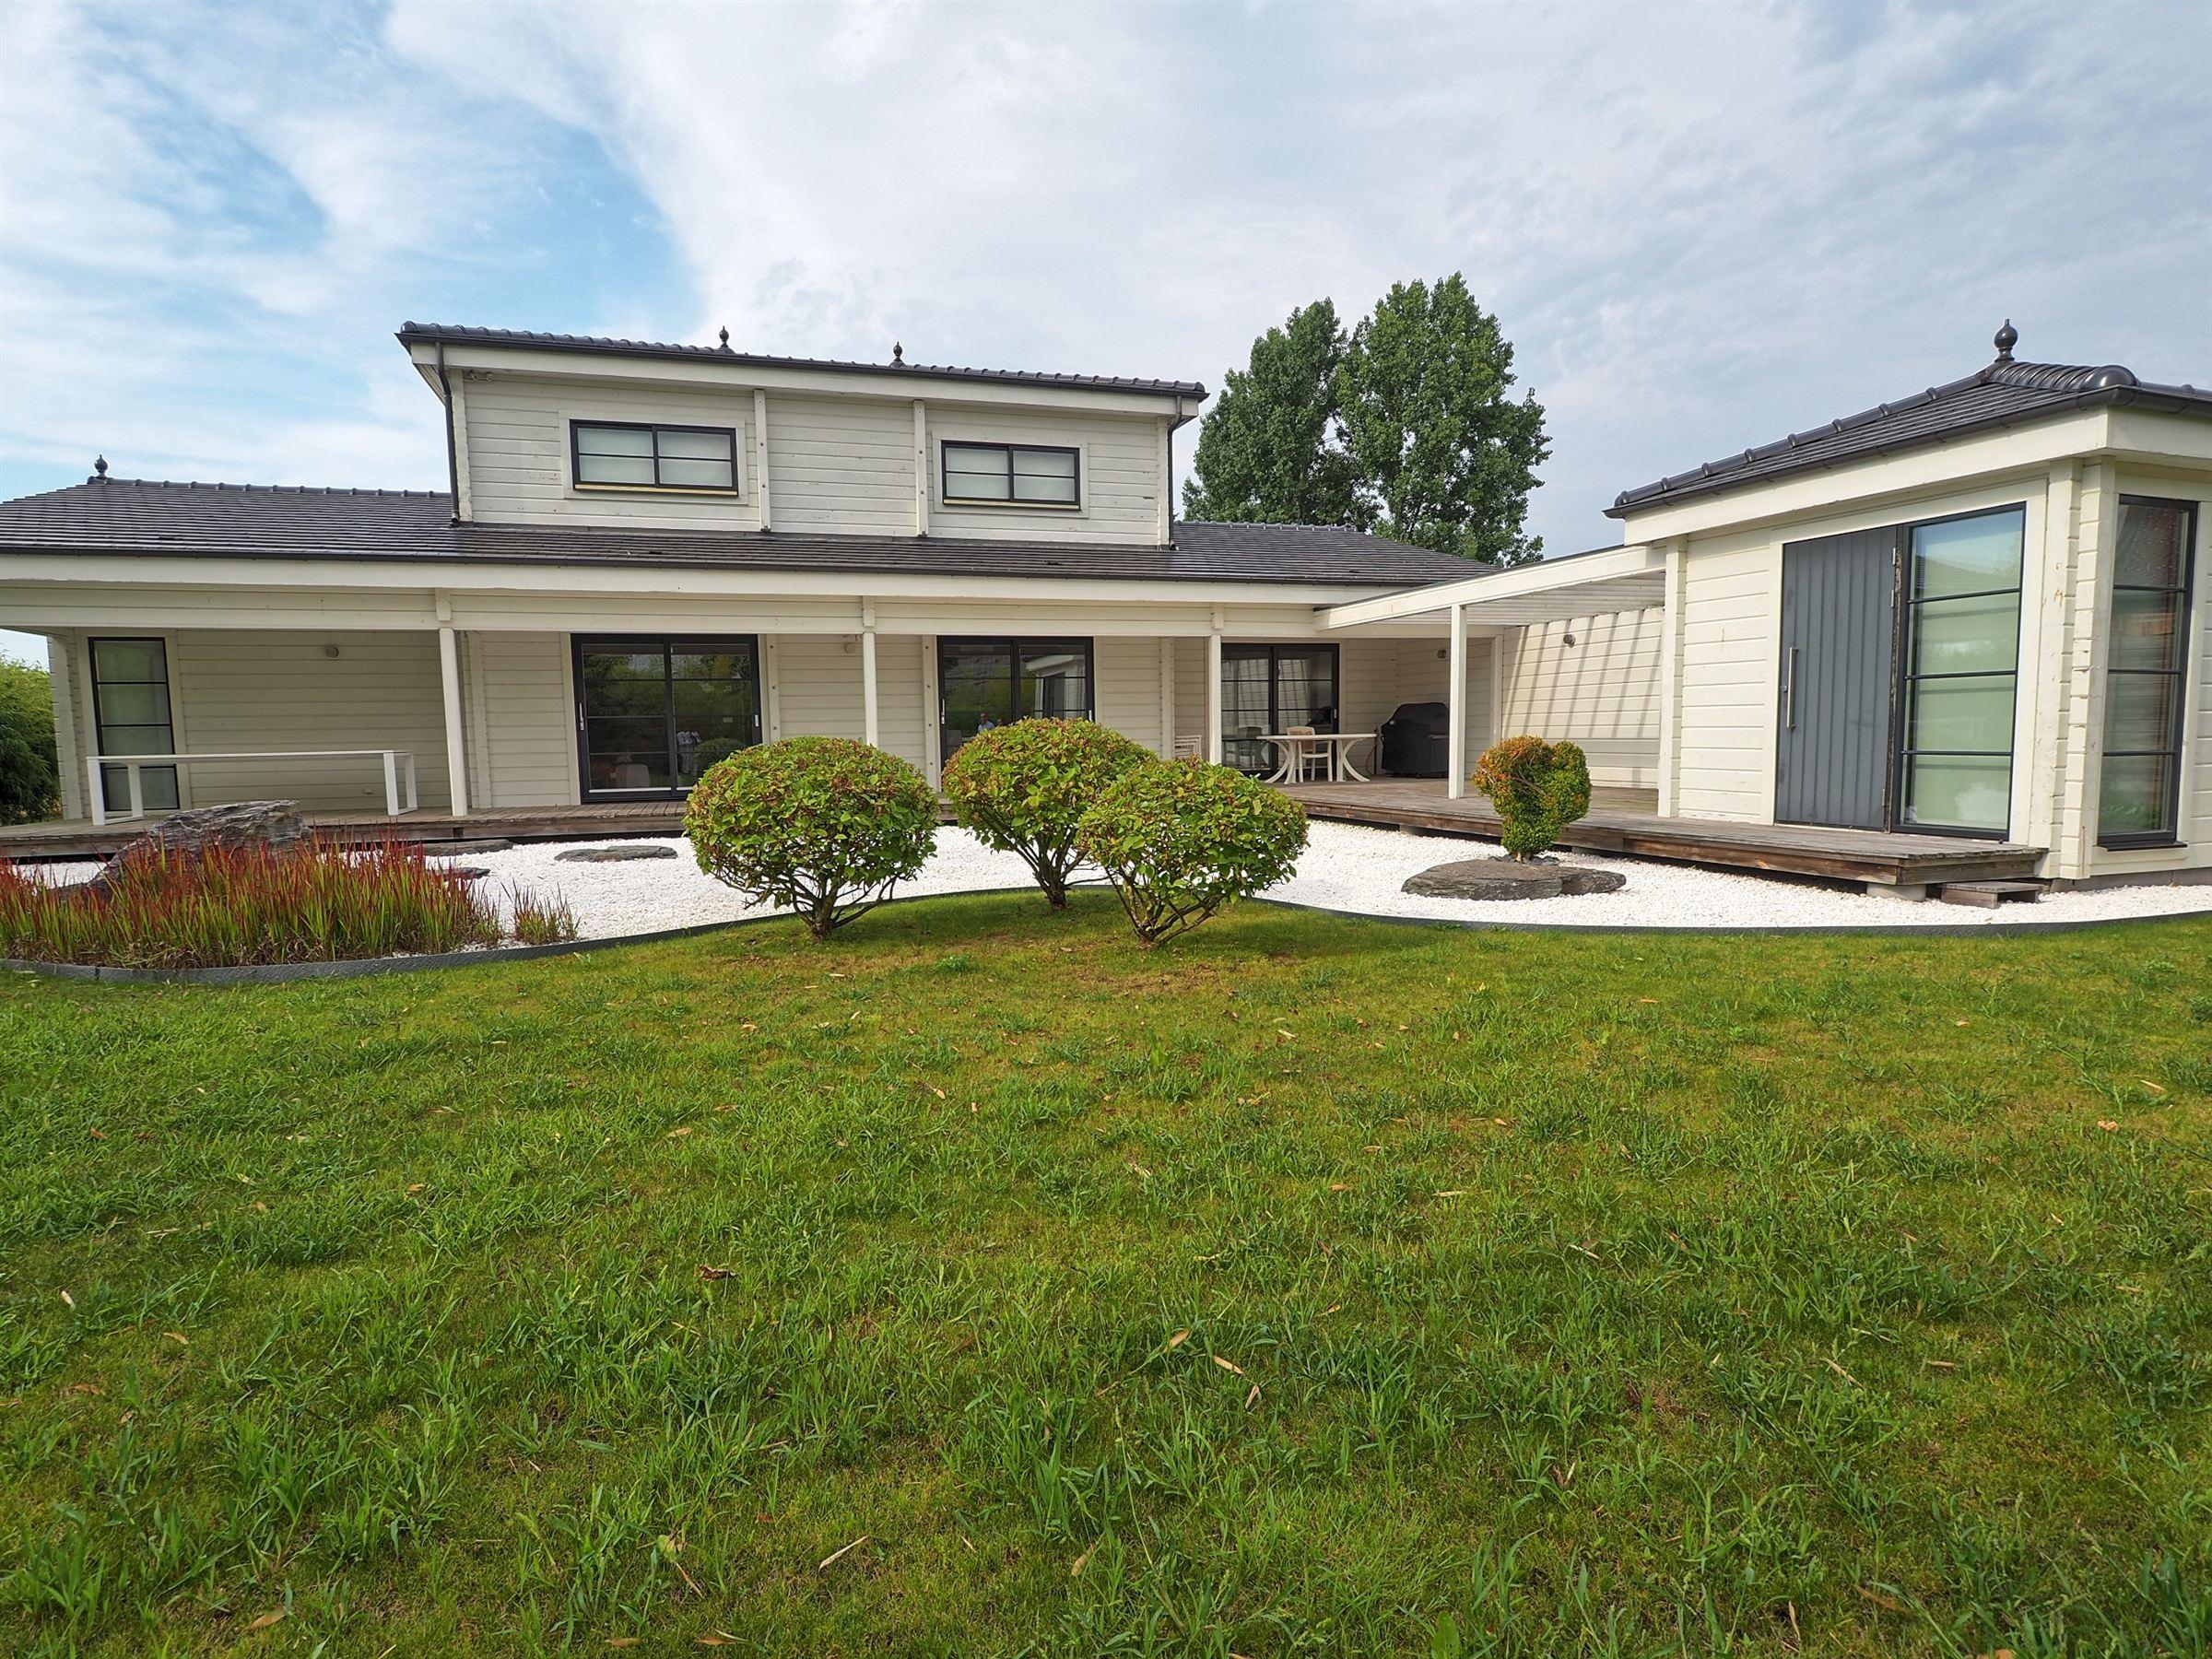 Single Family Home for Sale at 290sqm Contemporary Villa near Saint-Amand les Eaux, 4 bedrooms. Other Nord Pas De Calais, Nord Pas De Calais, 59230 France